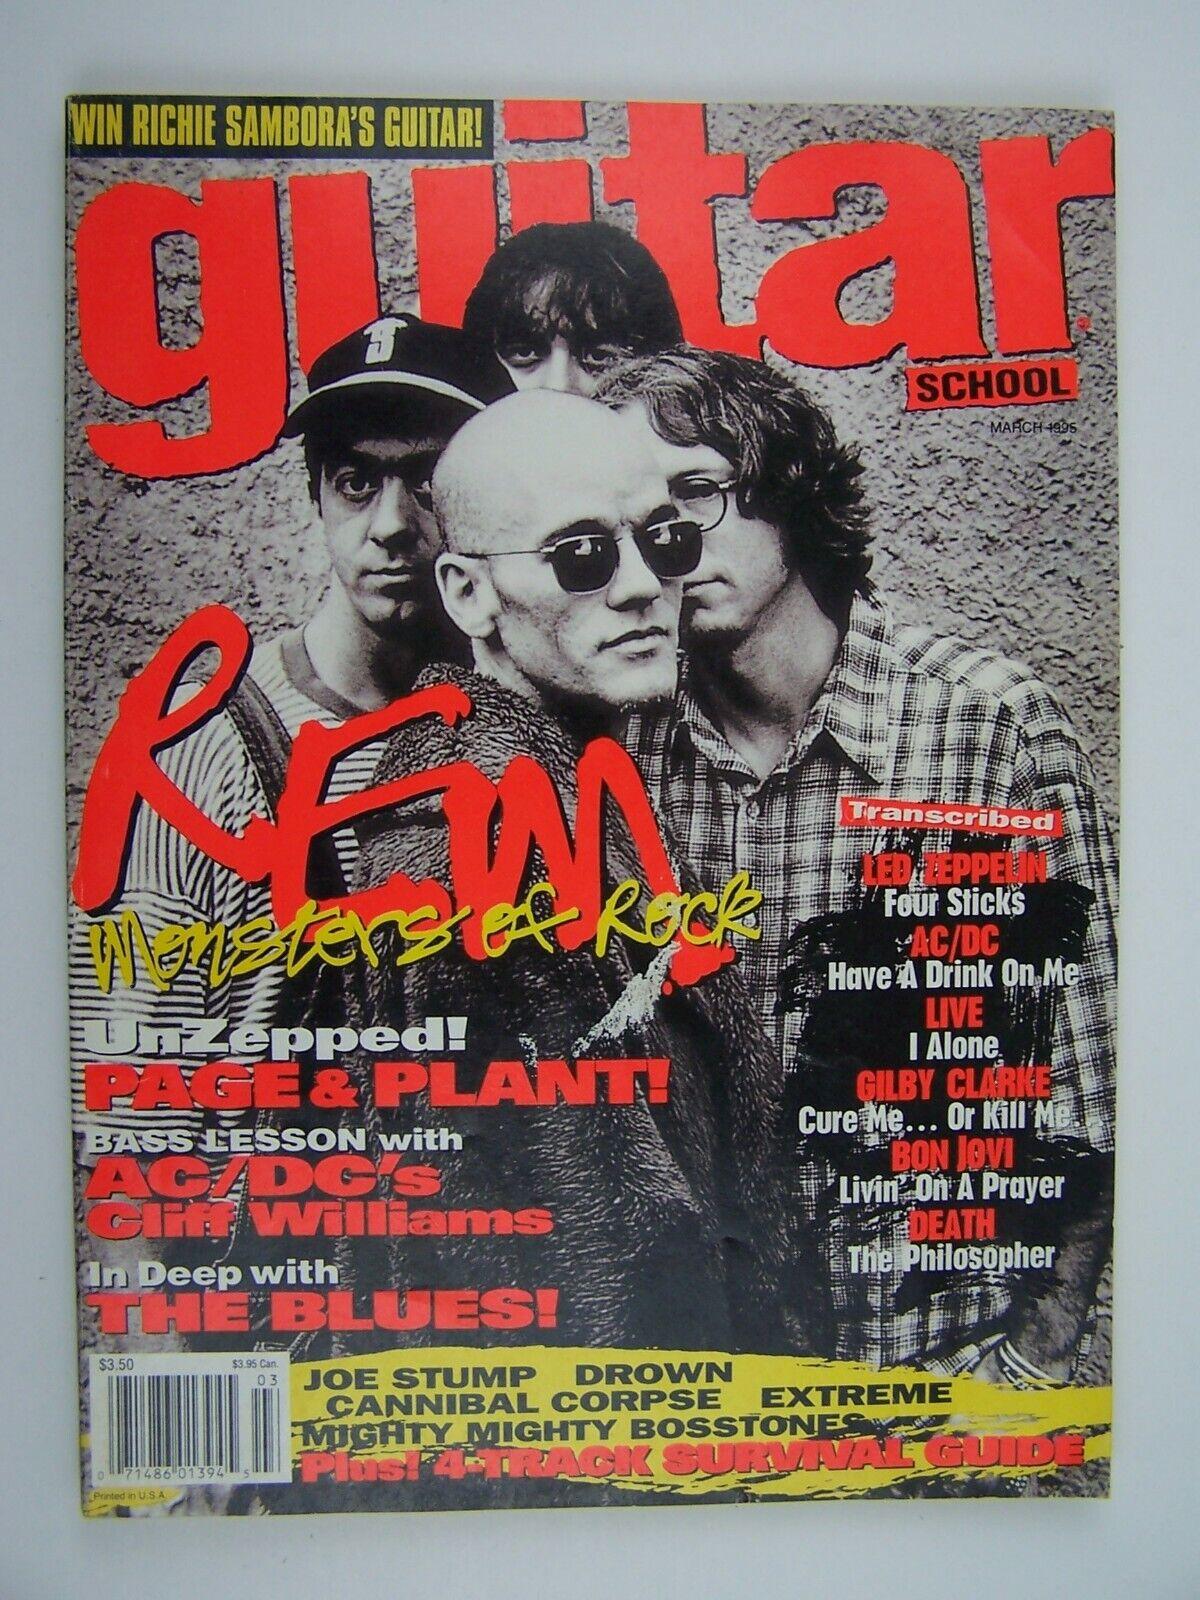 Guitar School March 1995 Vol 7 No 2 REM Cover